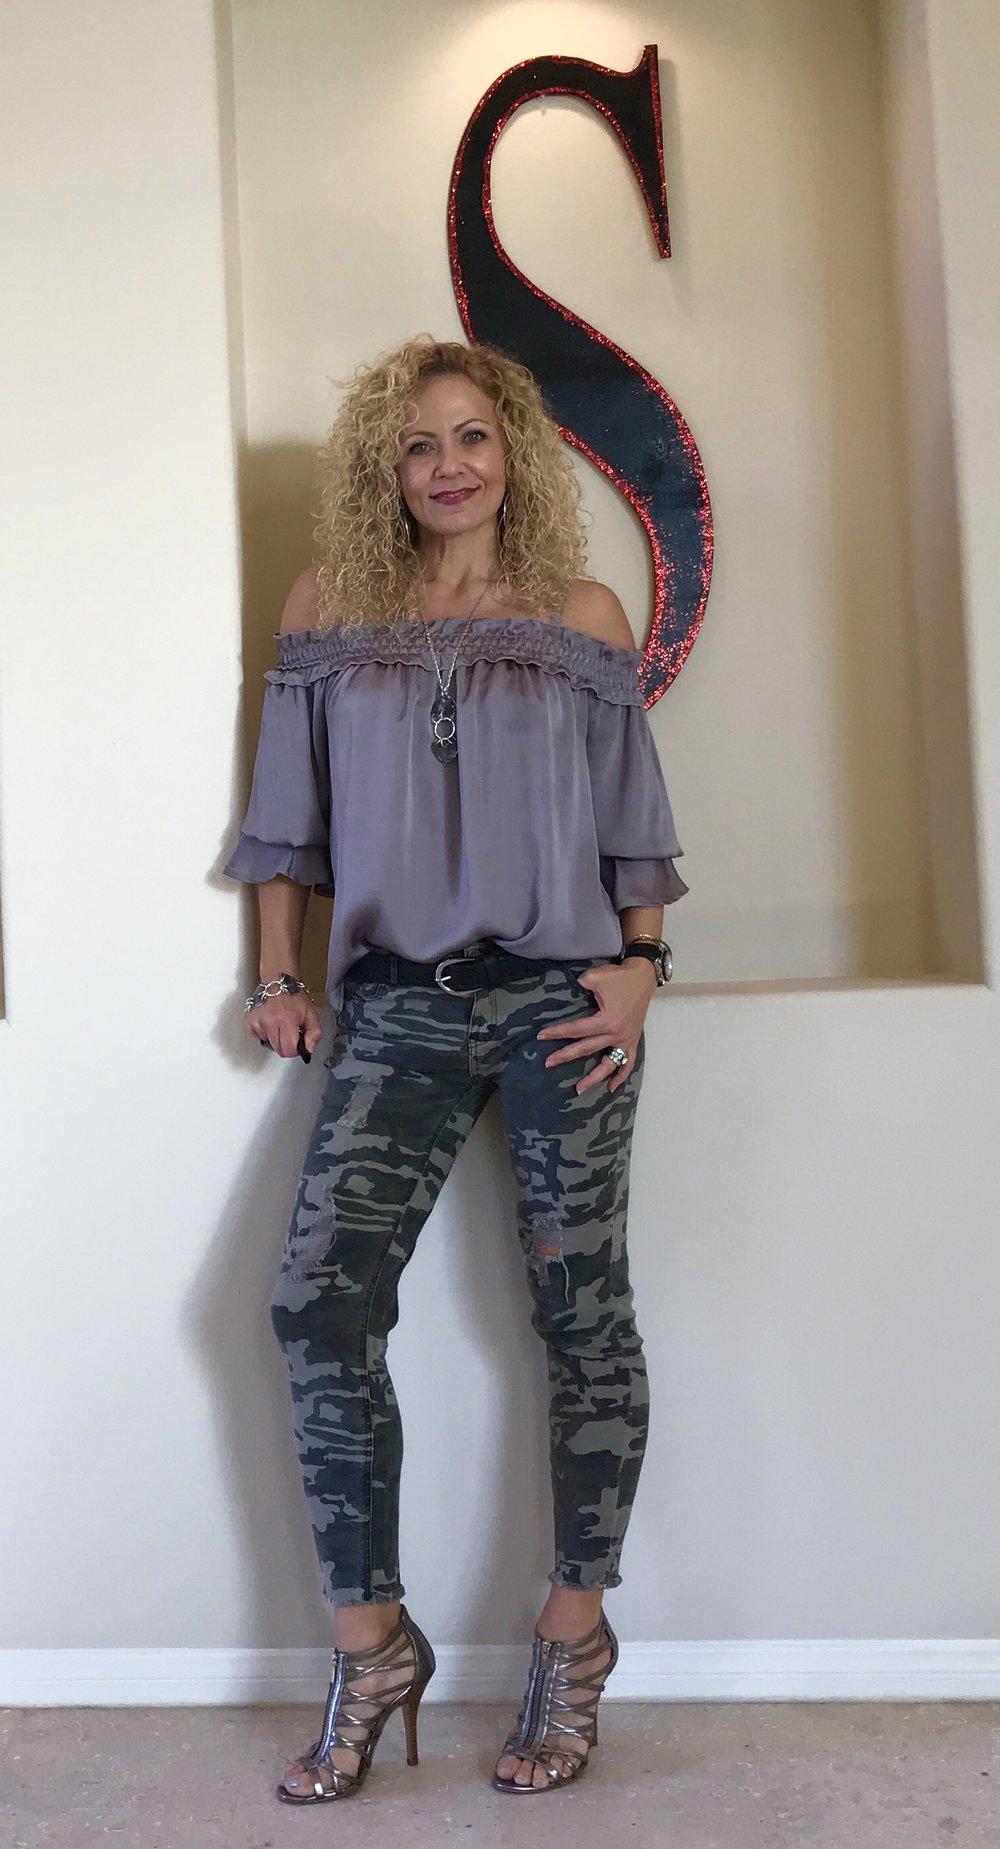 Camo pants and Gray Top